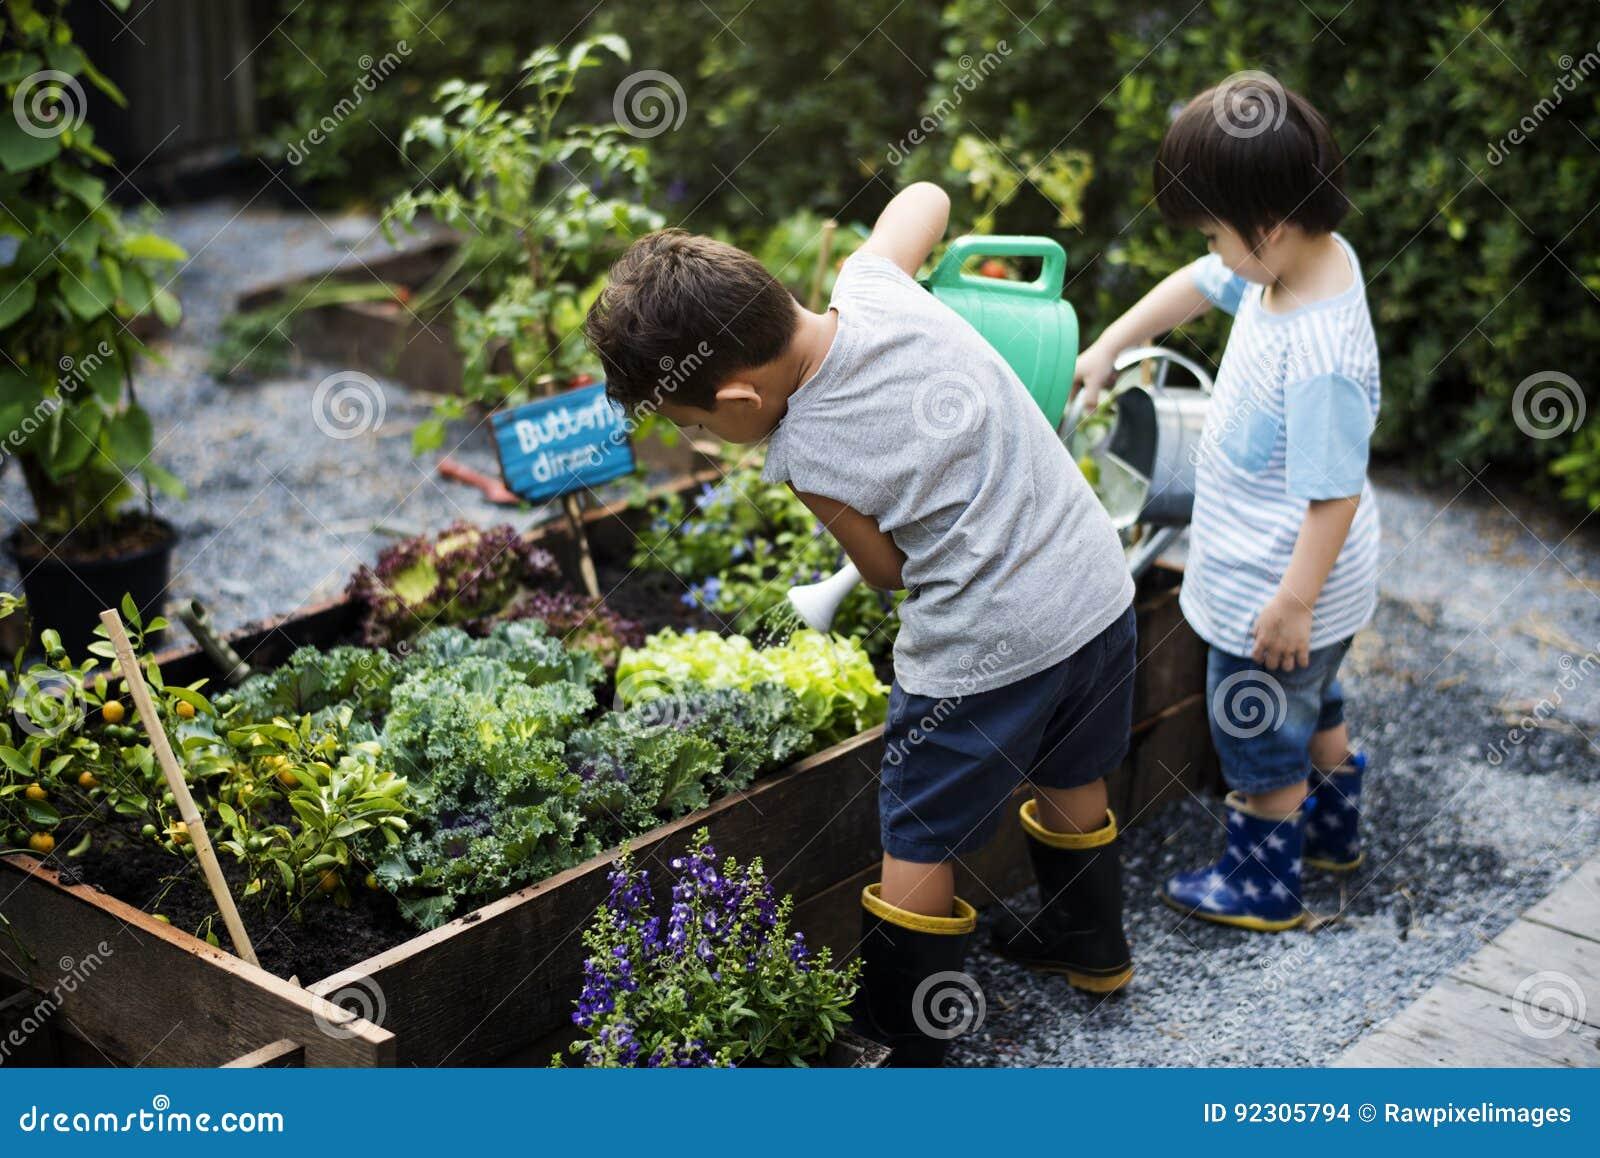 Gruppe Kindergartenkinder, die draußen im Garten arbeiten lernen